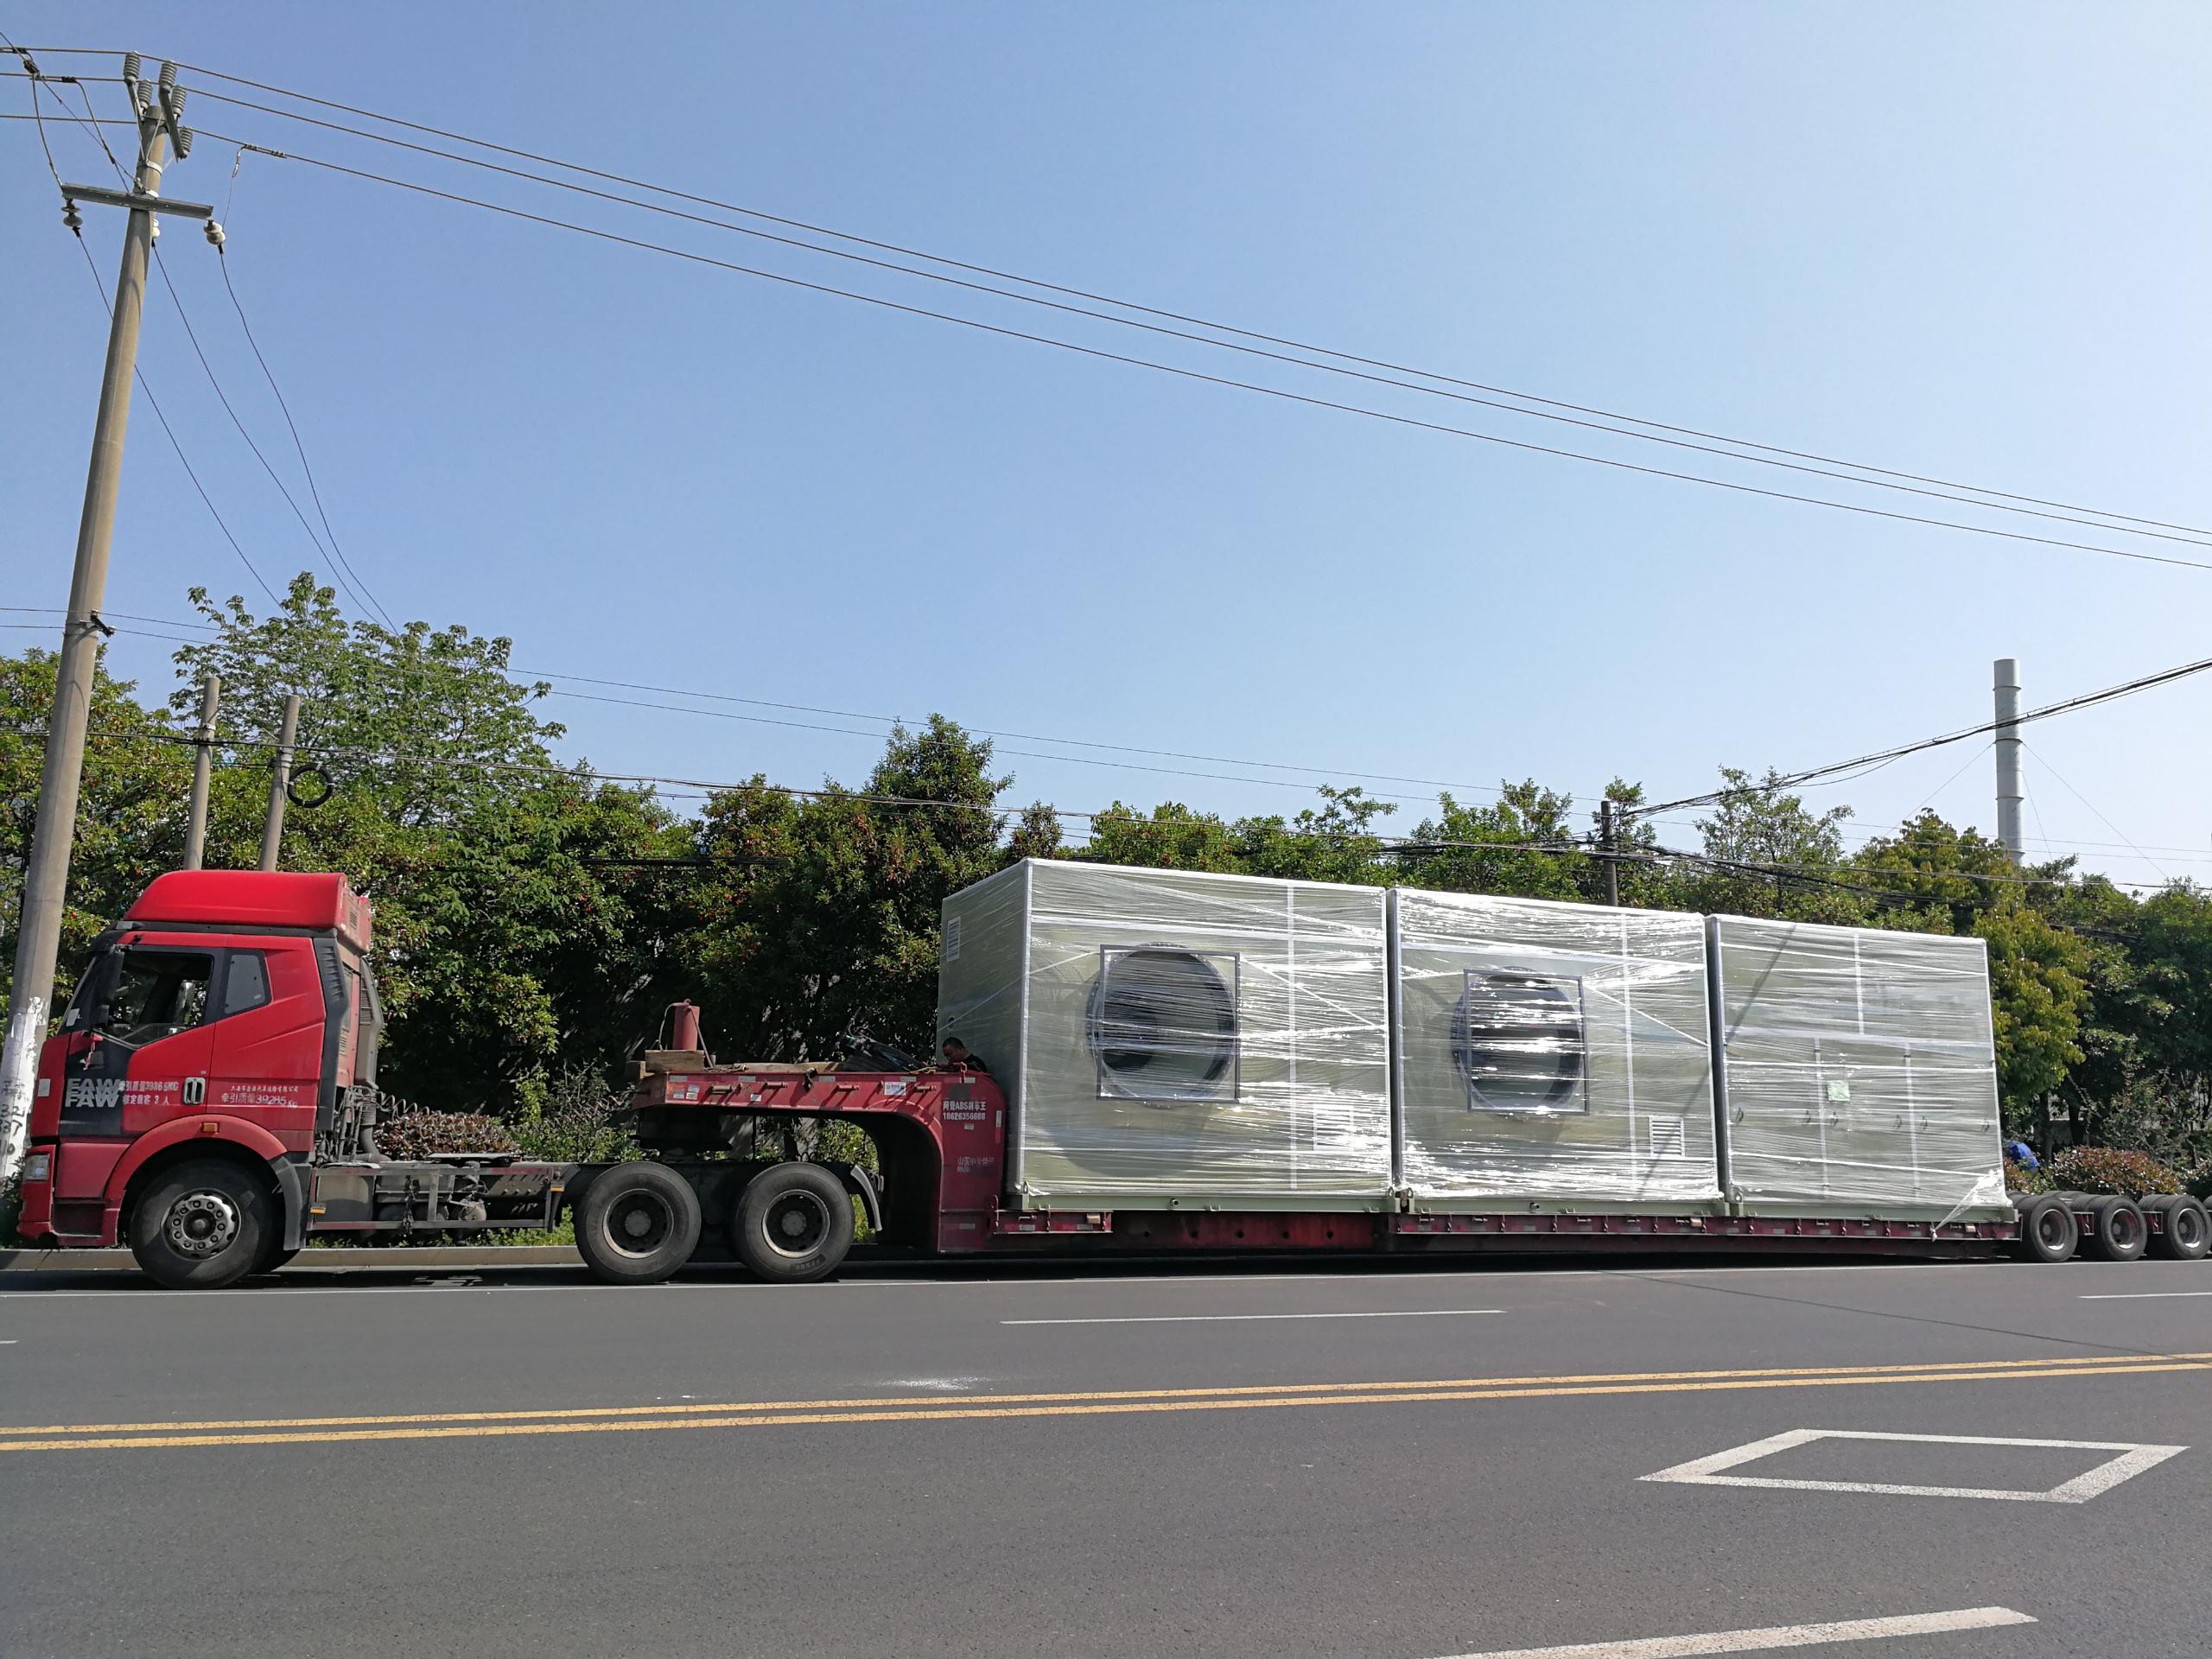 苏州顶裕3台玻璃钢隔音箱爱博体育登录发往杭州垃圾压缩中转站的除臭项目